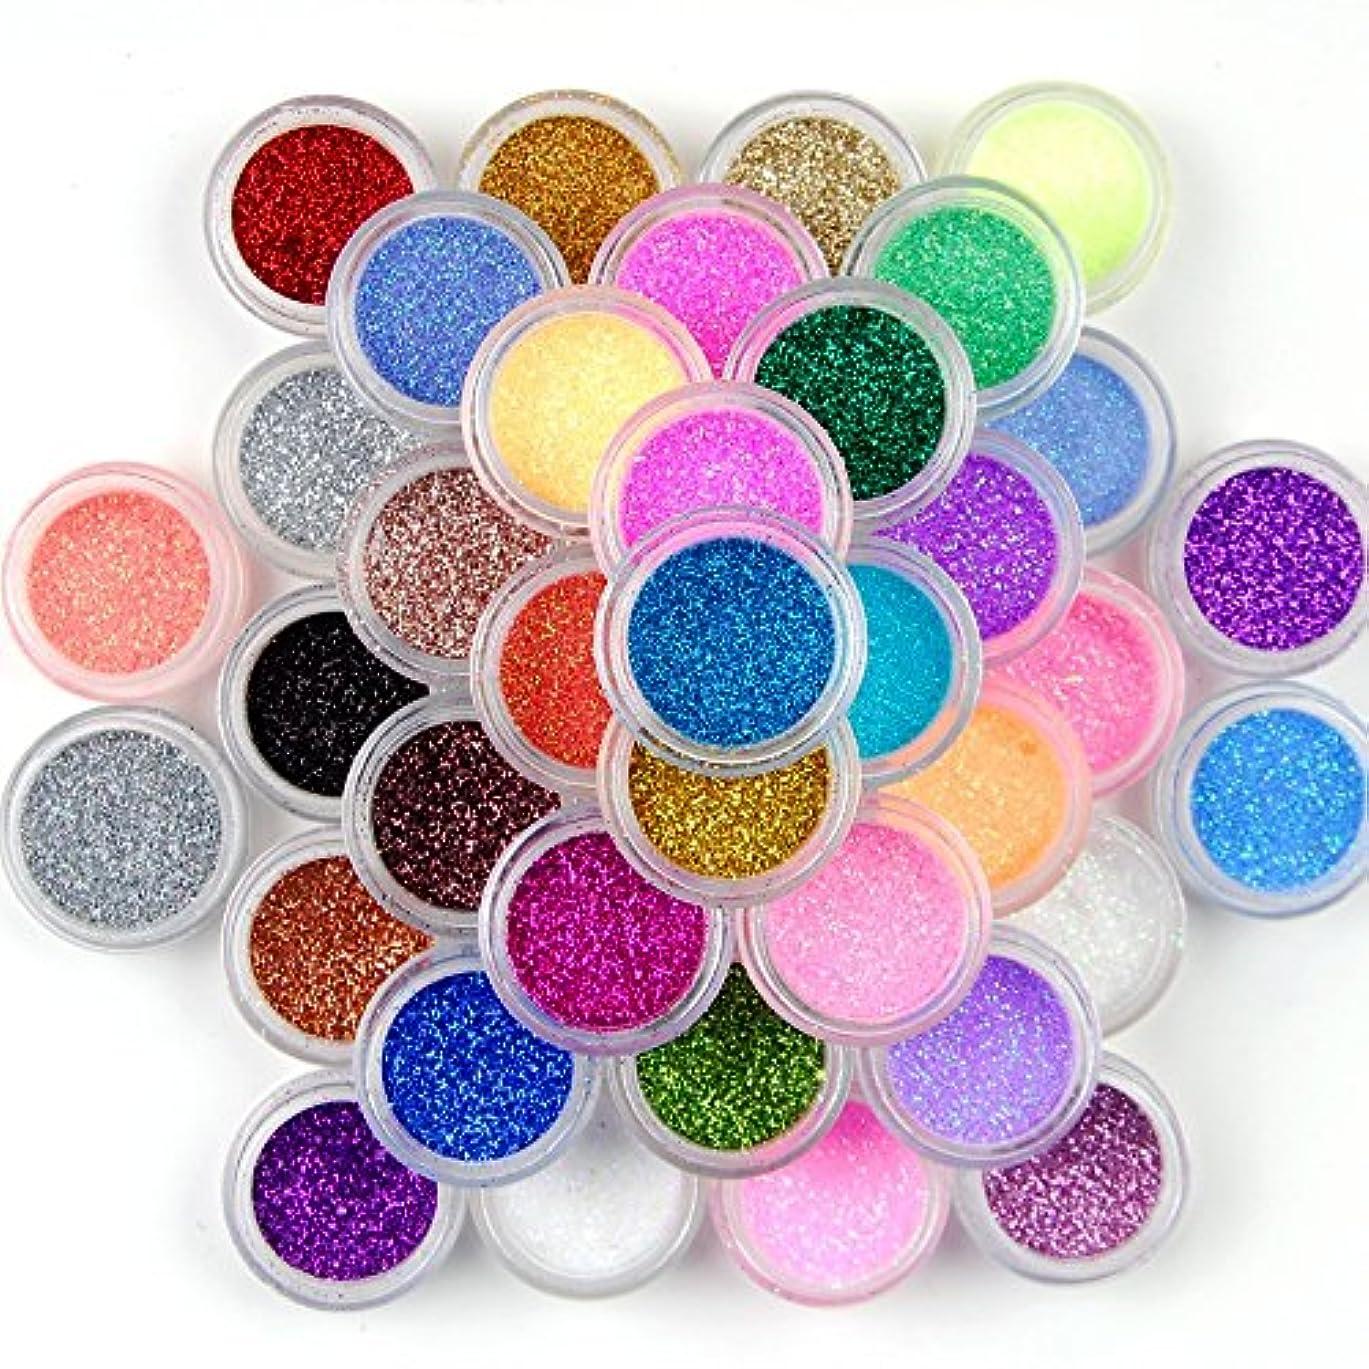 遊具類推連続的12個ネイルアートDust Glitter Powder DIY装飾ヒント、色ランダム